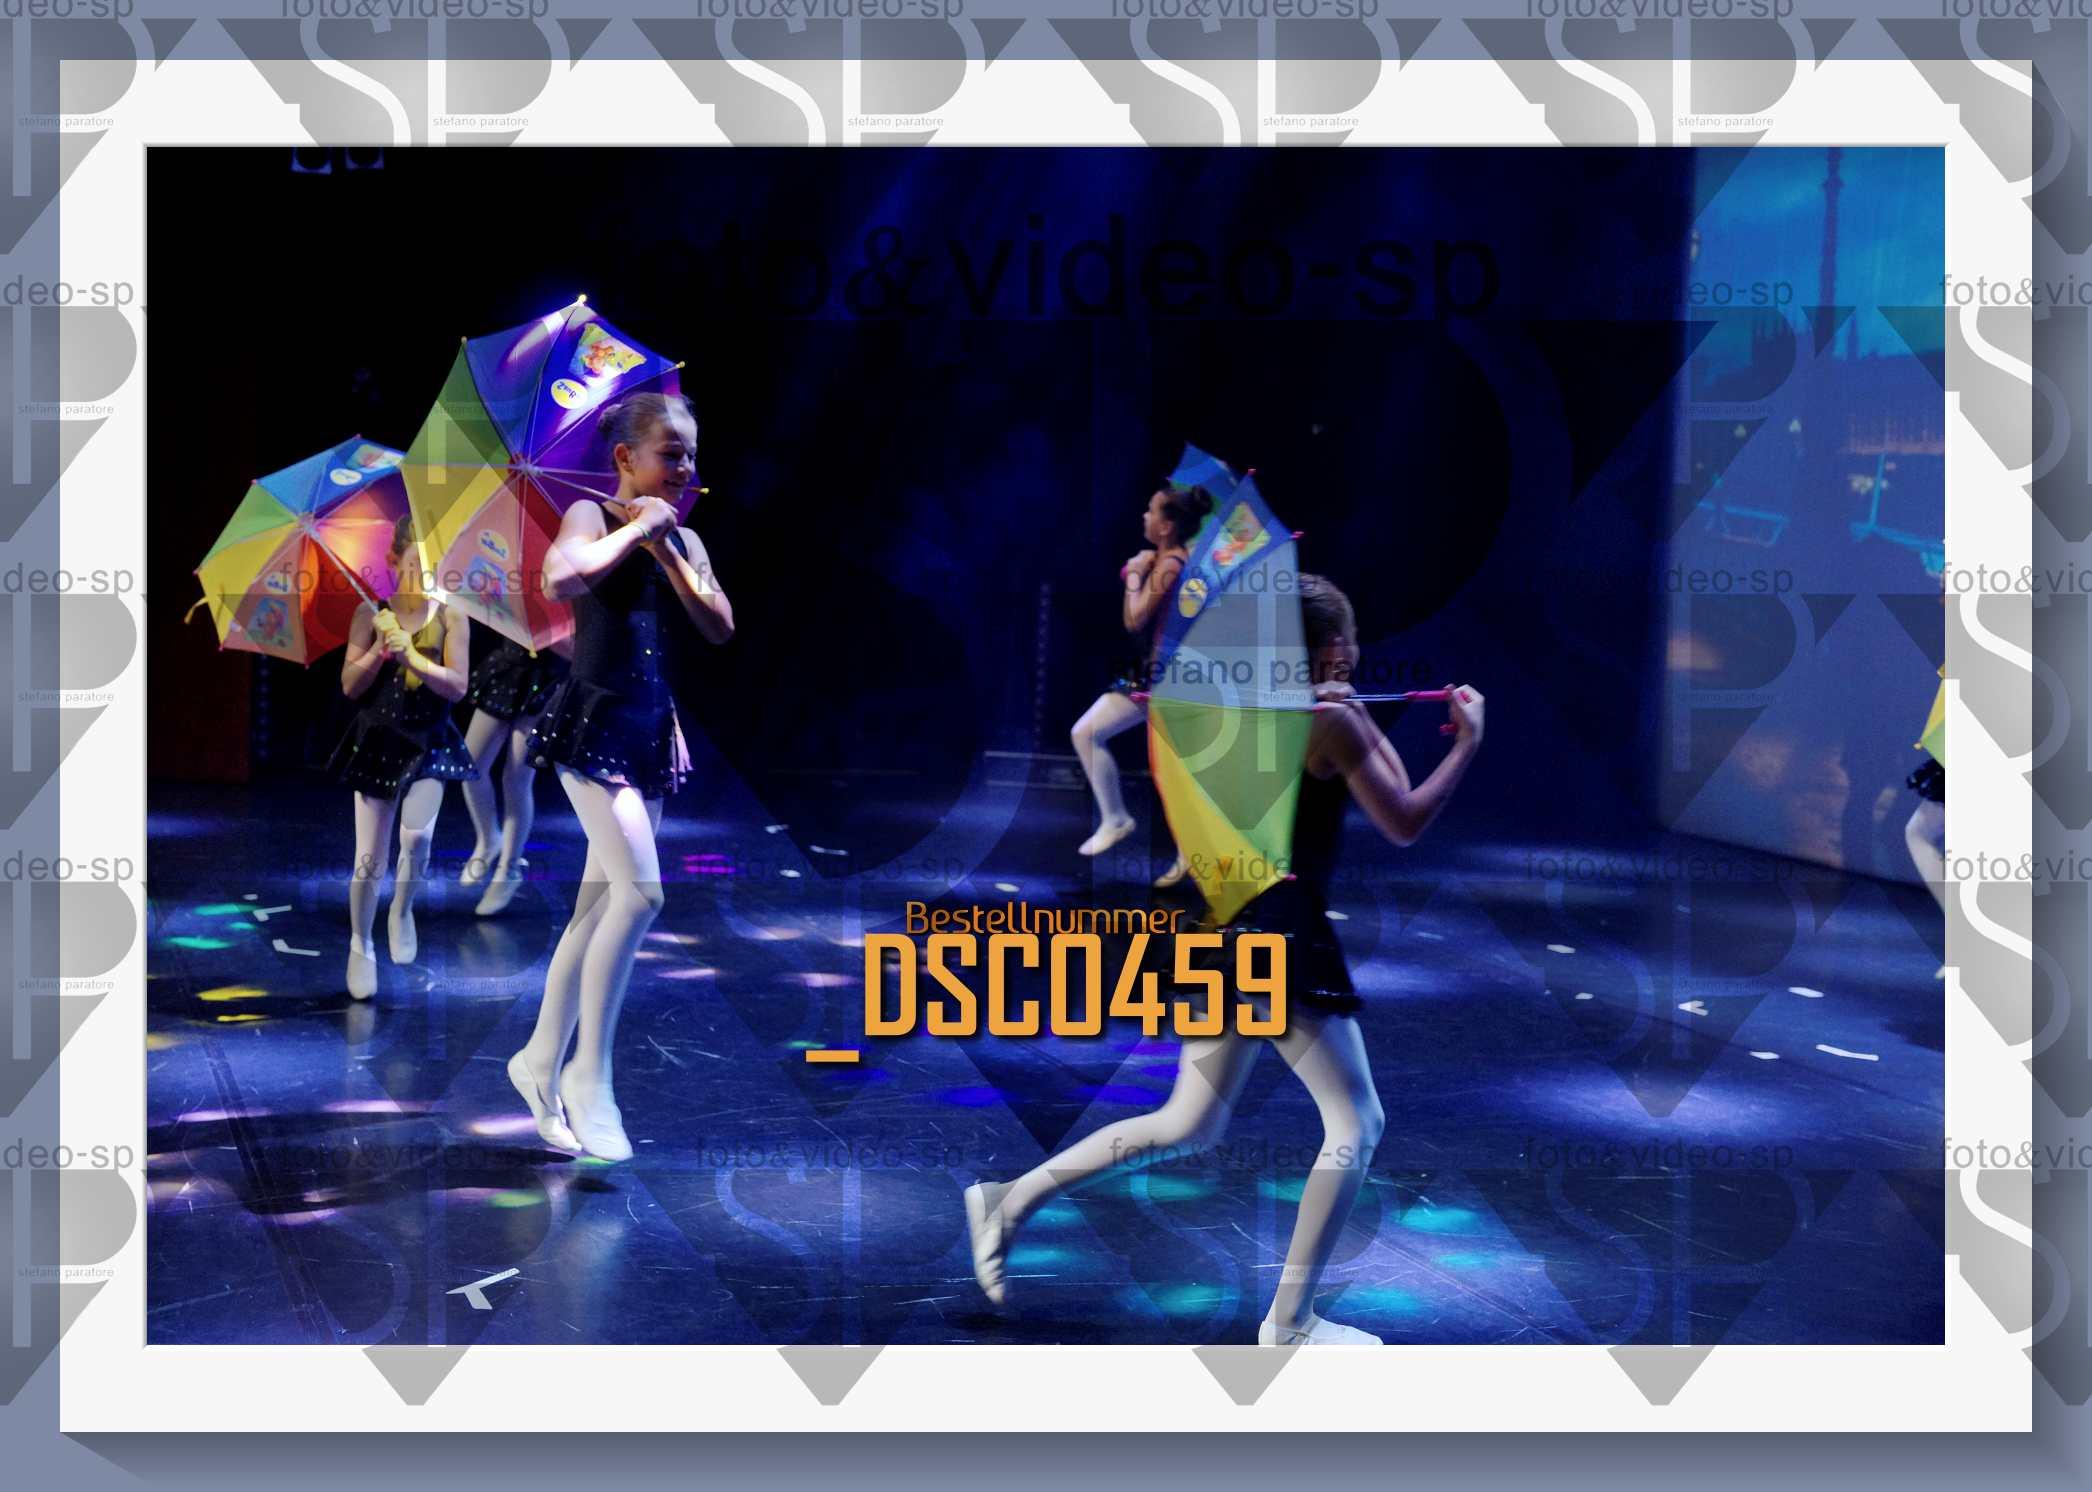 DSC0459